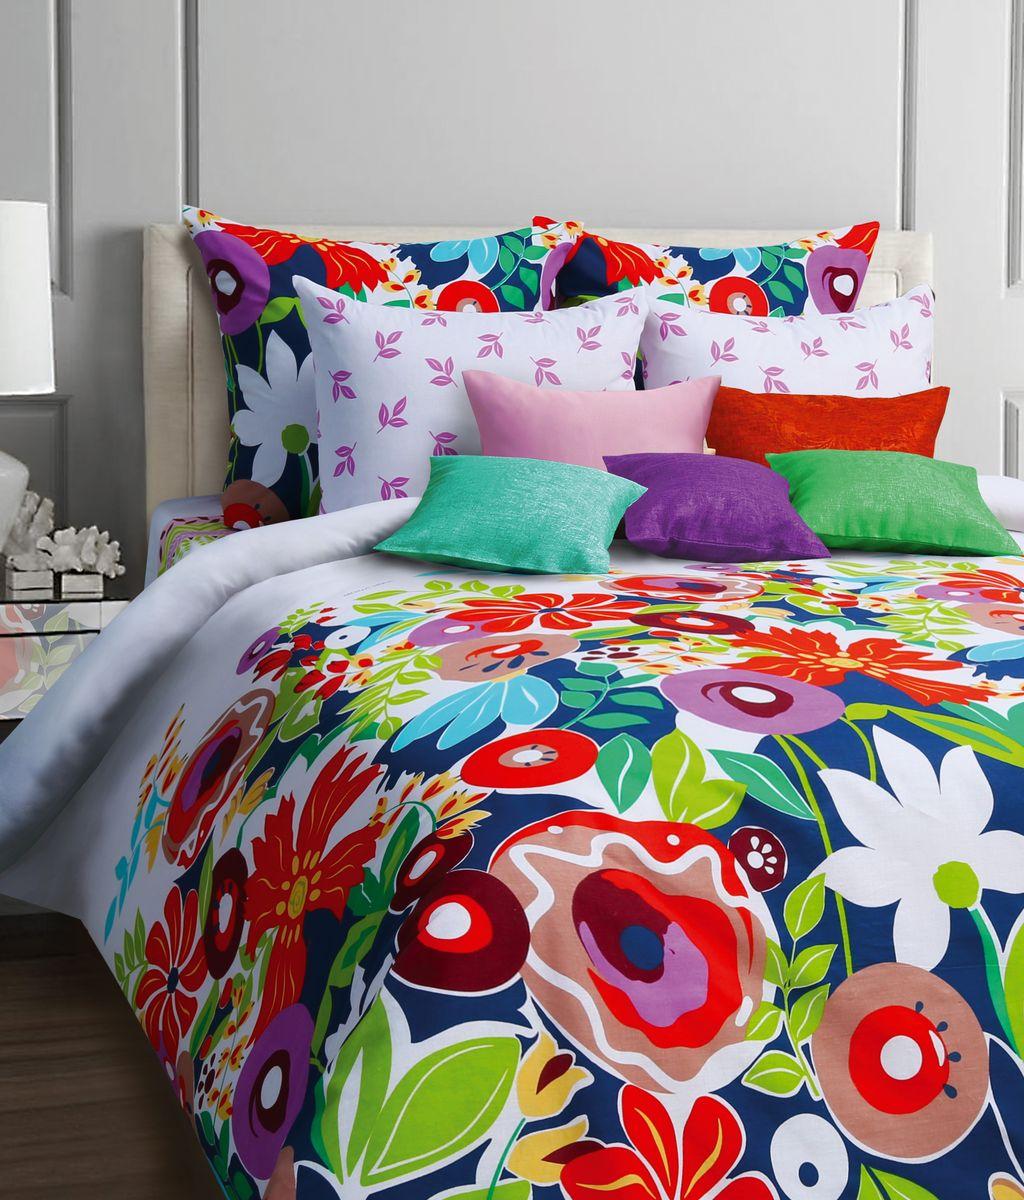 Комплект белья Mona Liza Pampiny, 1,5-спальное, наволочки 50x70551116/28Комплект постельного белья Mona Liza Pampiny, выполненный из бязи (100% хлопок), состоит из пододеяльника, простыни и двух наволочек. Изделия оформлены оригинальным рисунком. Пододеяльник на пуговицах. Бязь - ткань полотняного переплетения с незначительной сминаемостью, хорошо сохраняющая цвет при стирке, легкая, с прекрасными гигиеническими показателями. Такой комплект подойдет для любого стилевого и цветового решения интерьера, а также создаст в доме уют.